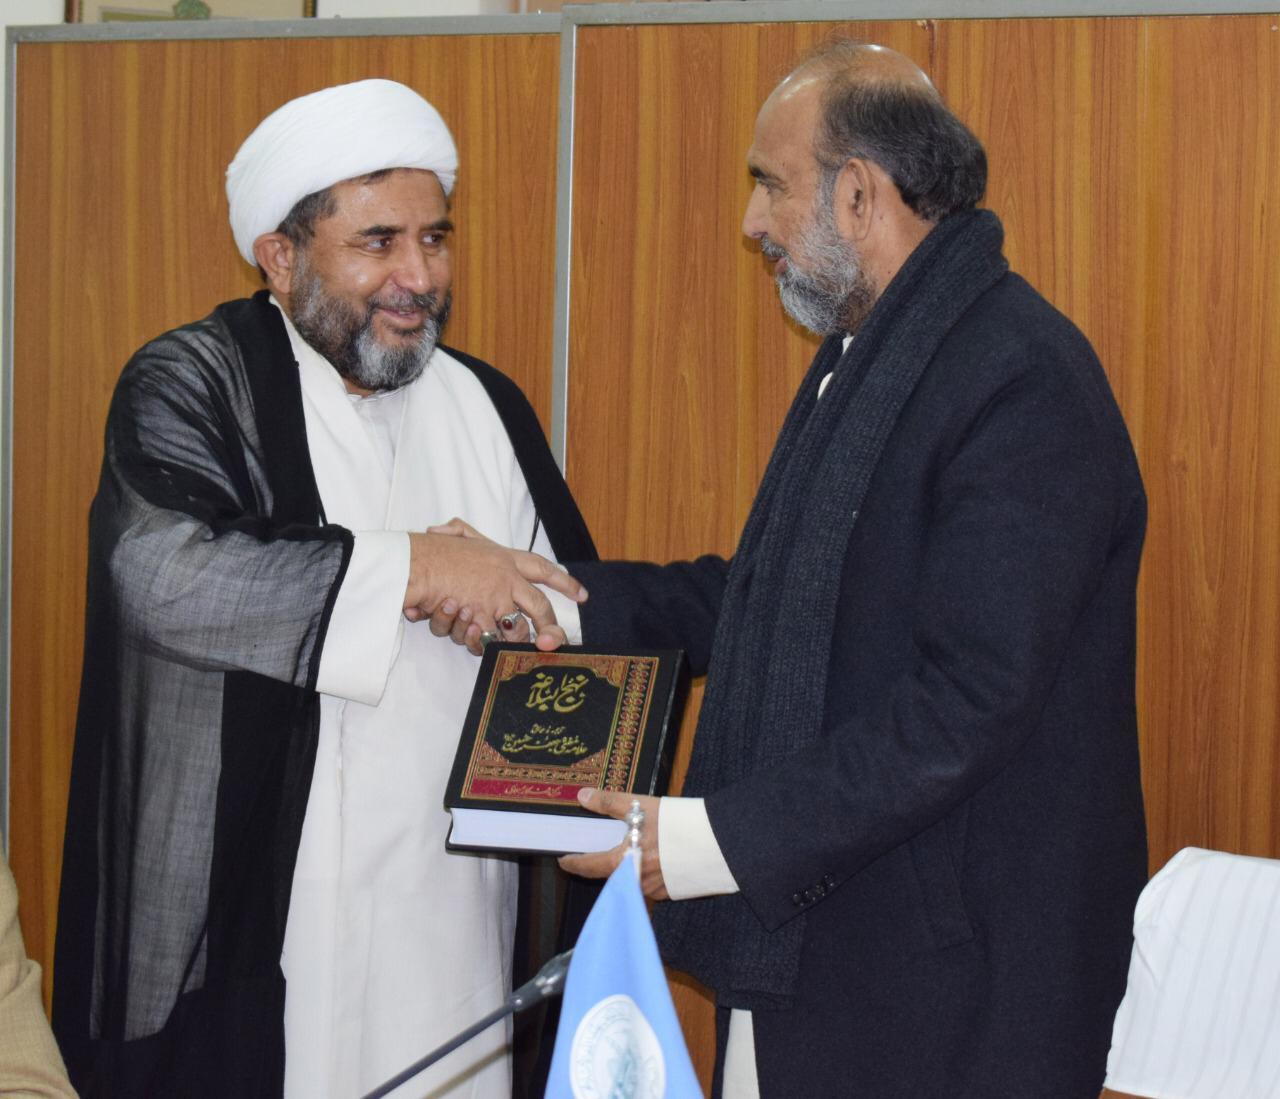 اسلامی نظریاتی کونسل کے چیئرمین جناب محترم ڈاکٹر قبلہ ایاز صاحب کو نہج البلاغہ پیش کی گئی